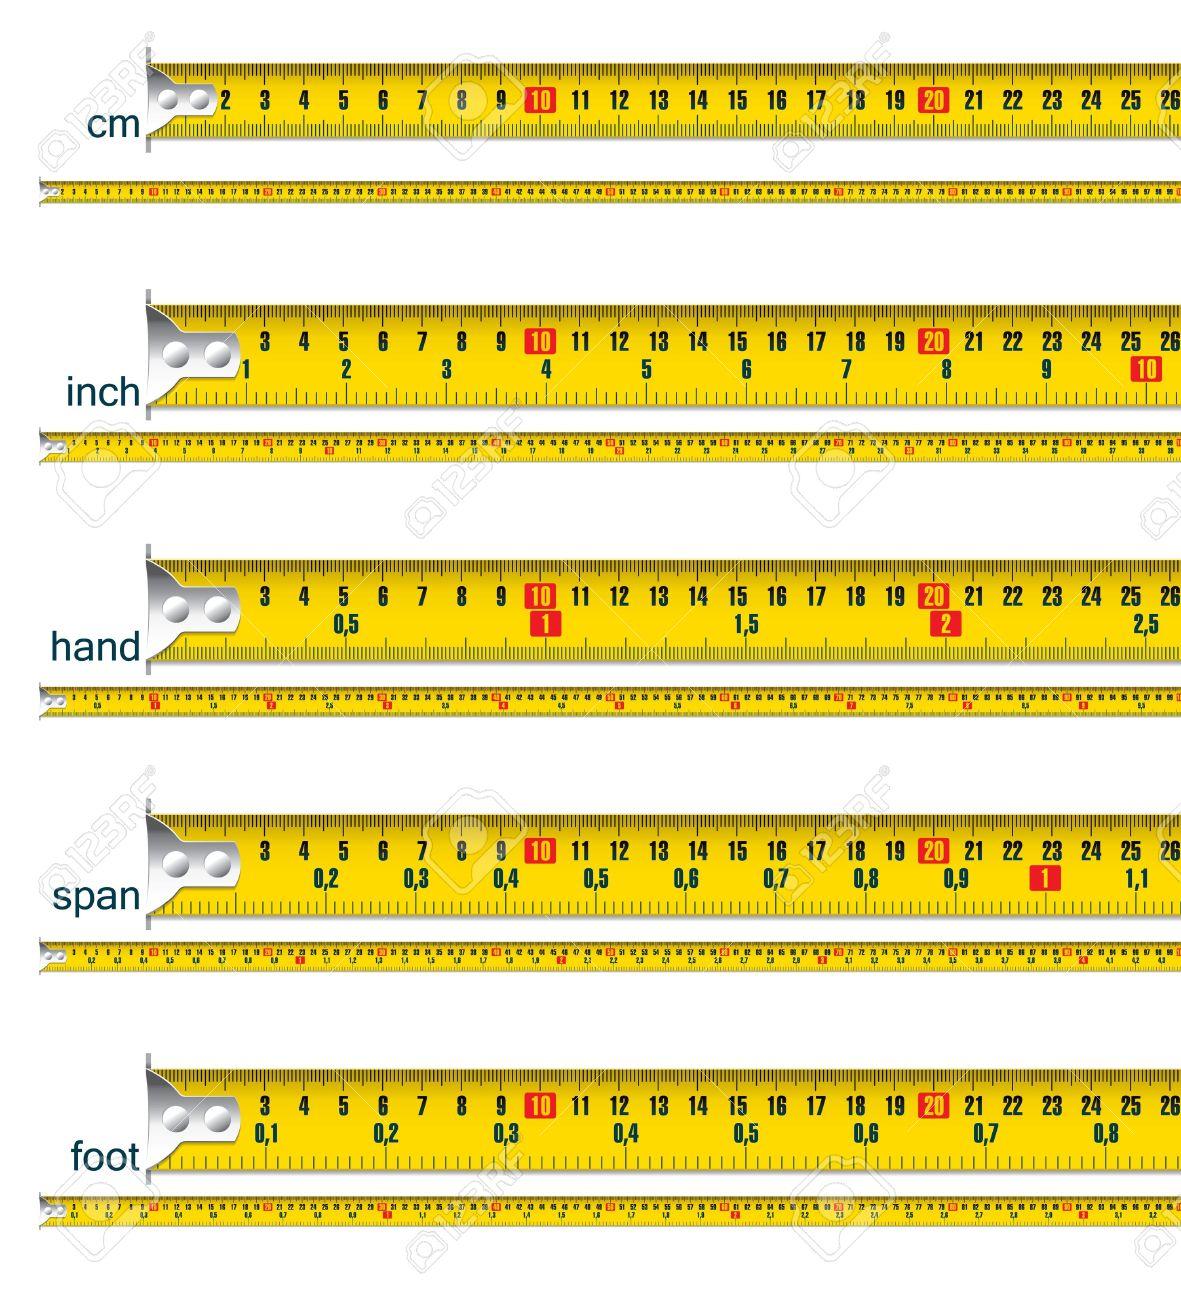 Maßband In Cm, Cm und Inch, Cm Und Hand, Und Spanne Cm, Cm Und Fuß ...